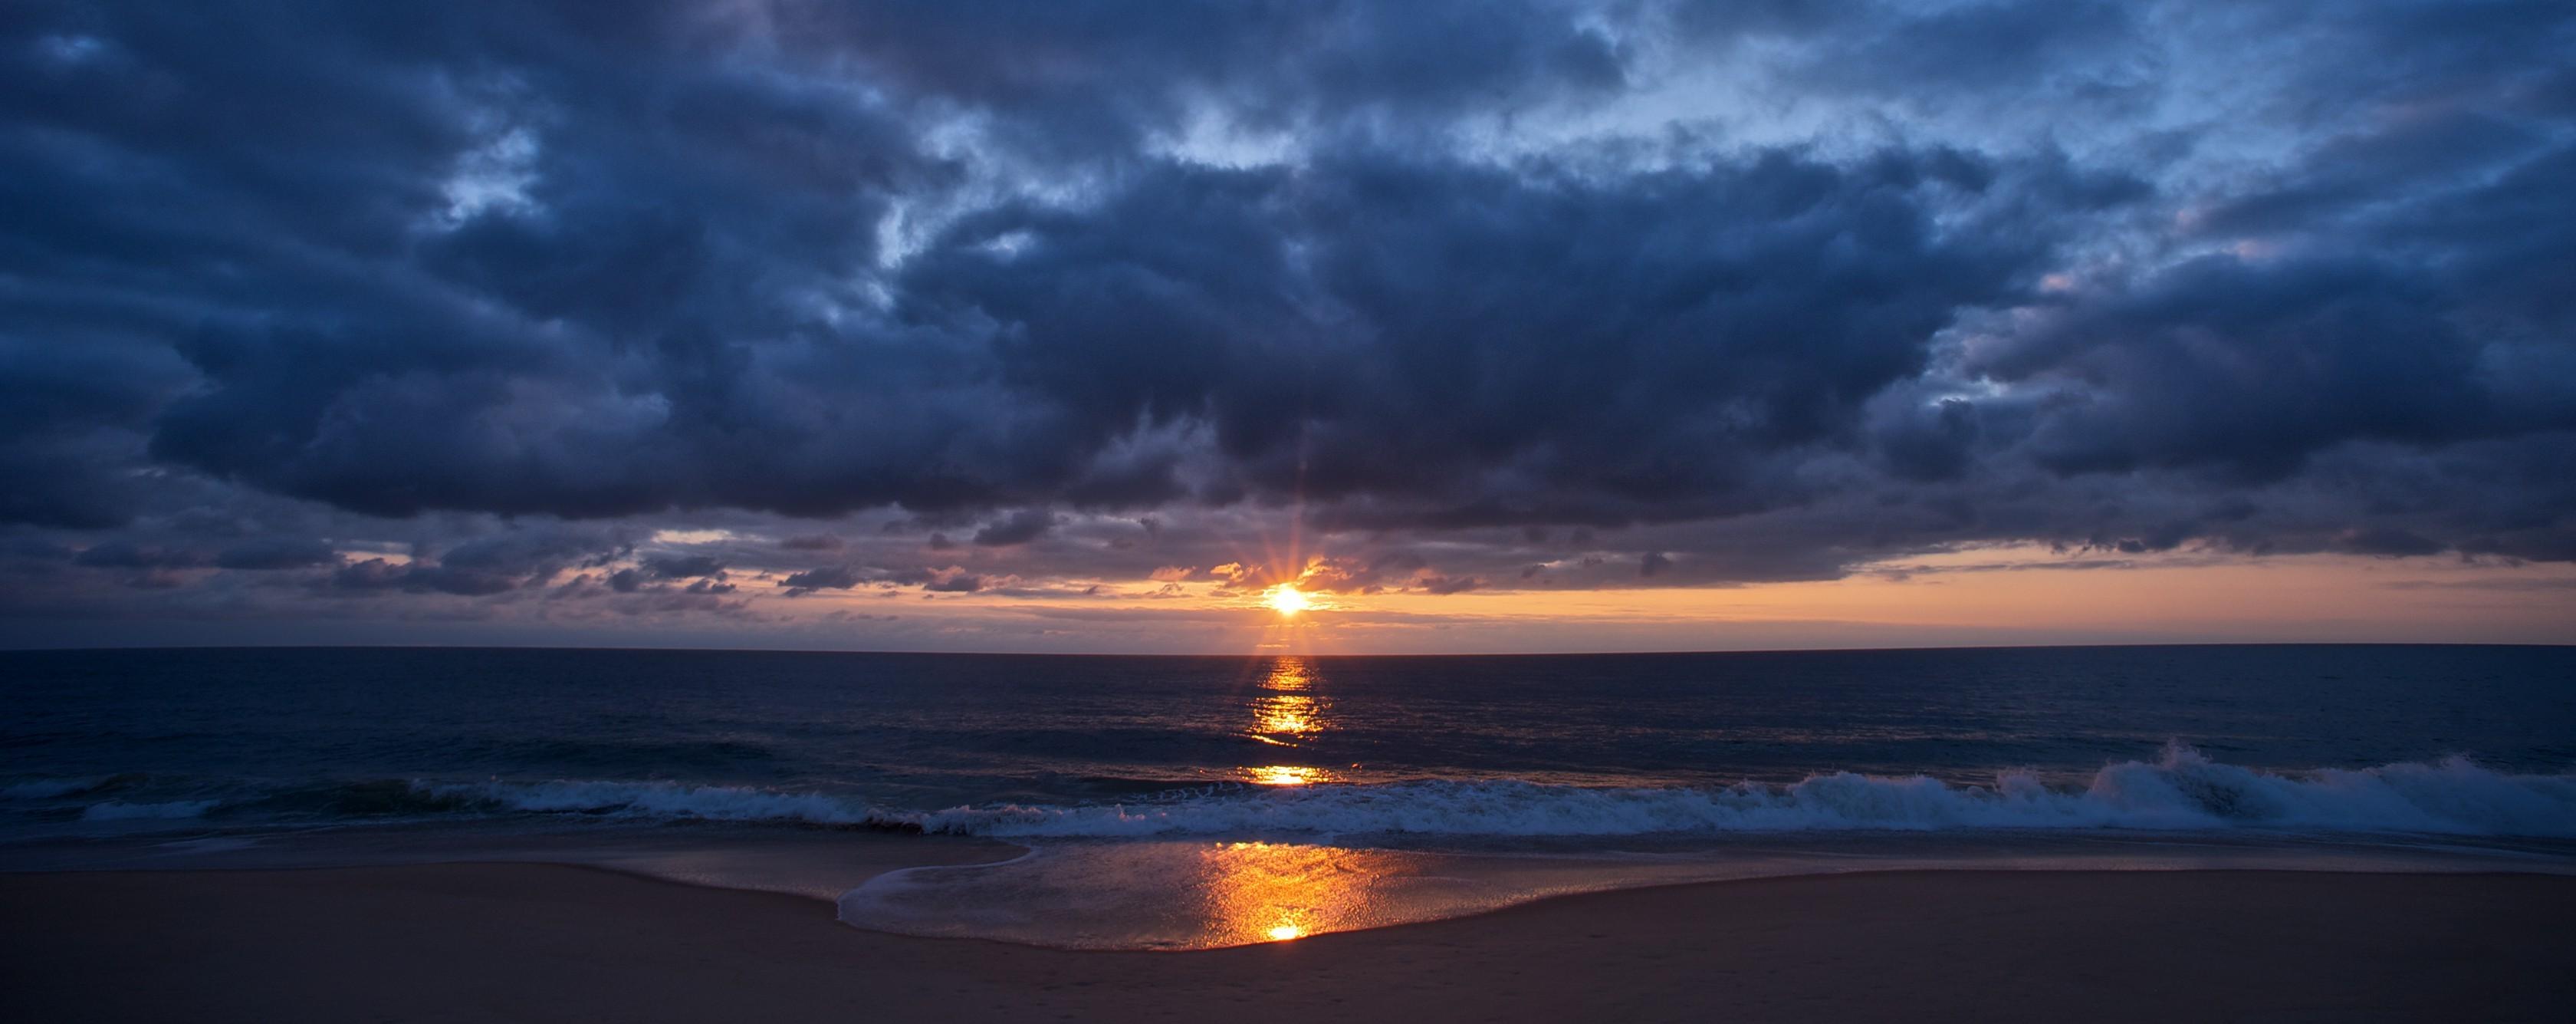 что панорамное фото океан высокое разрешение вот дну, как